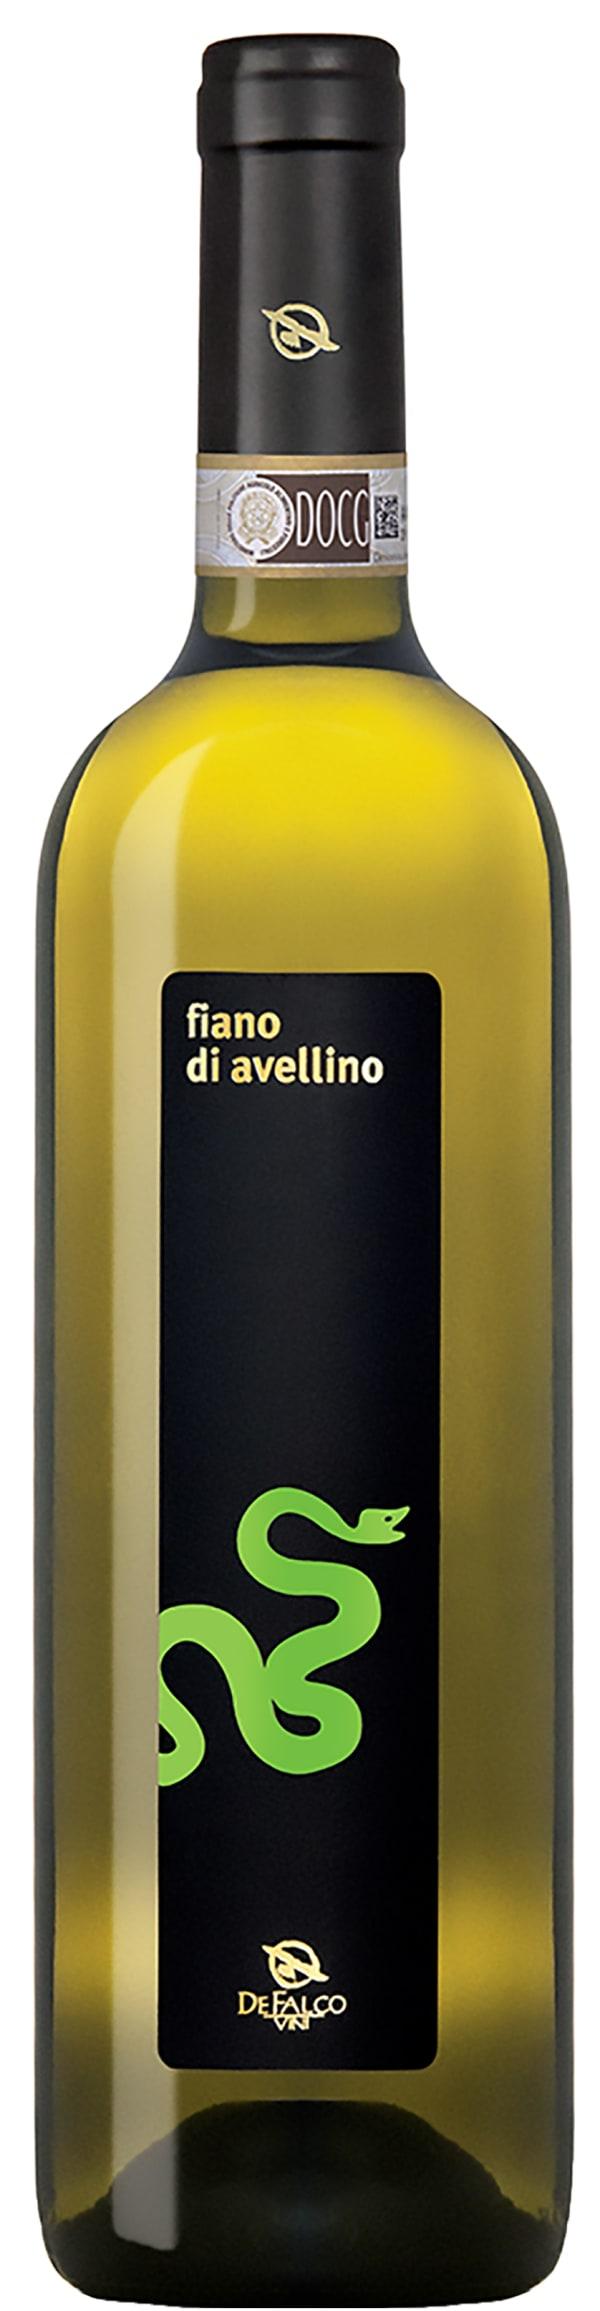 De Falco Fiano di Avellino 2016